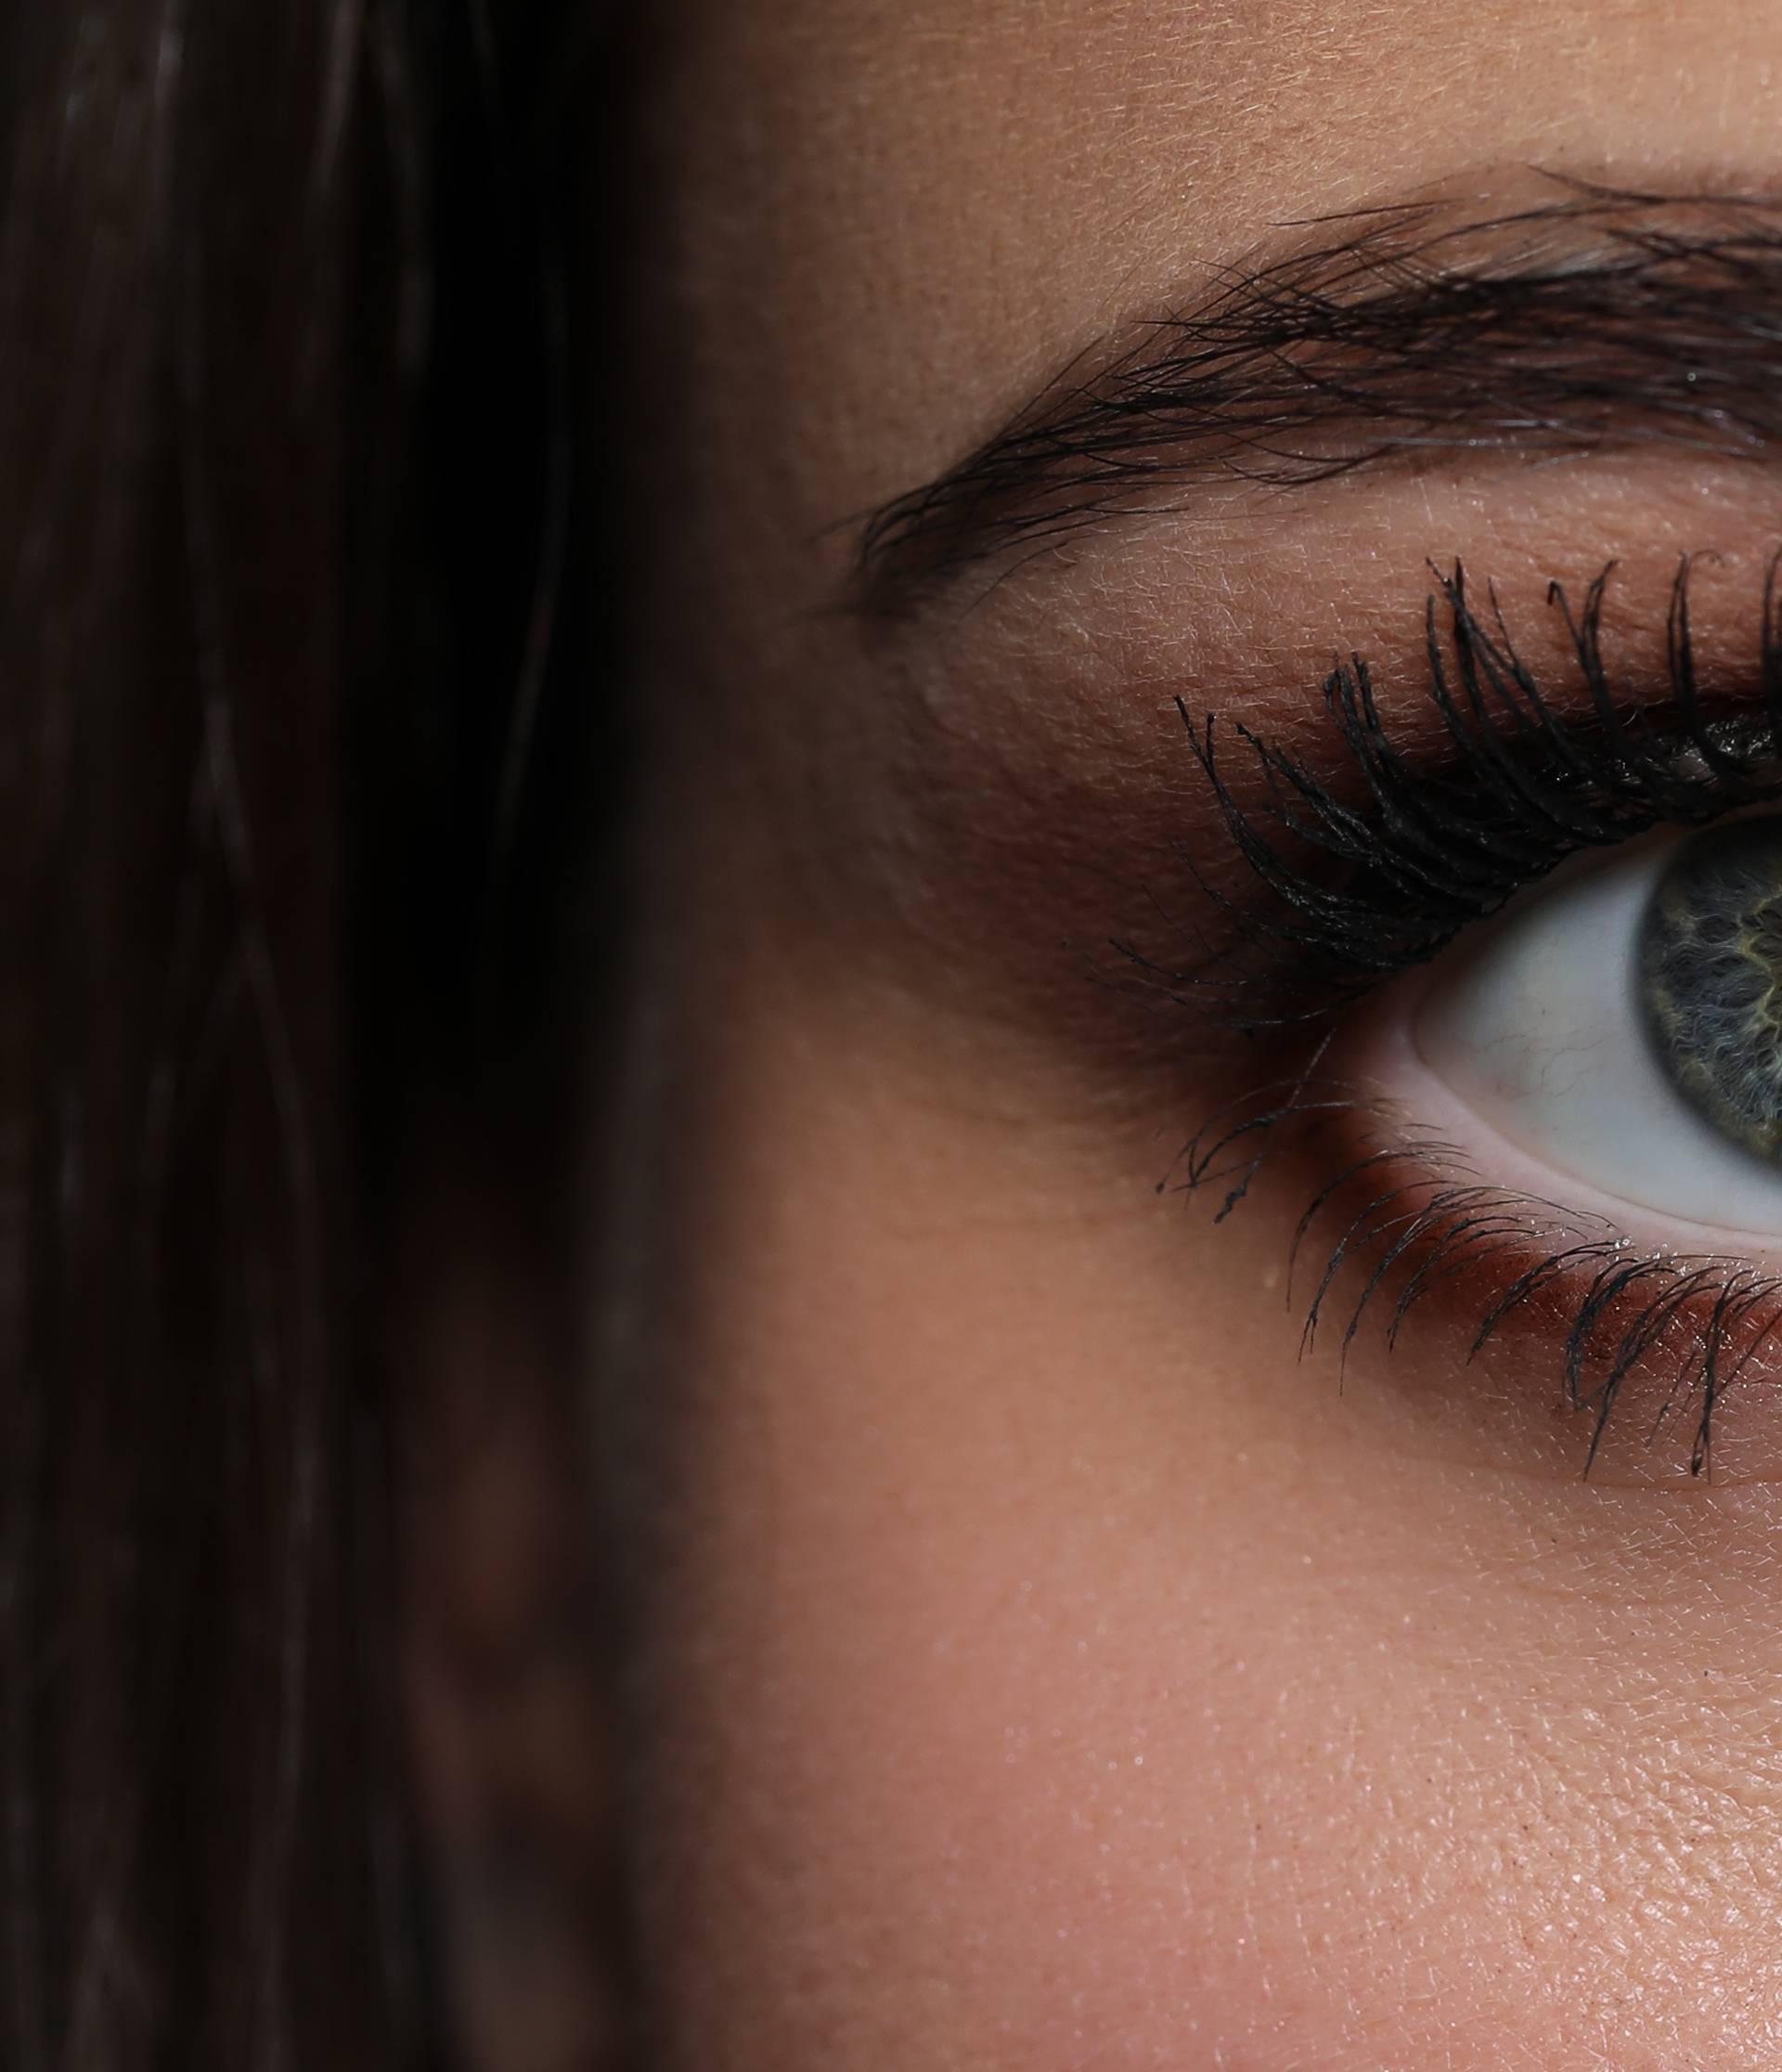 Ove probleme s vidom nemojte ignorirati - otiđite na pregled